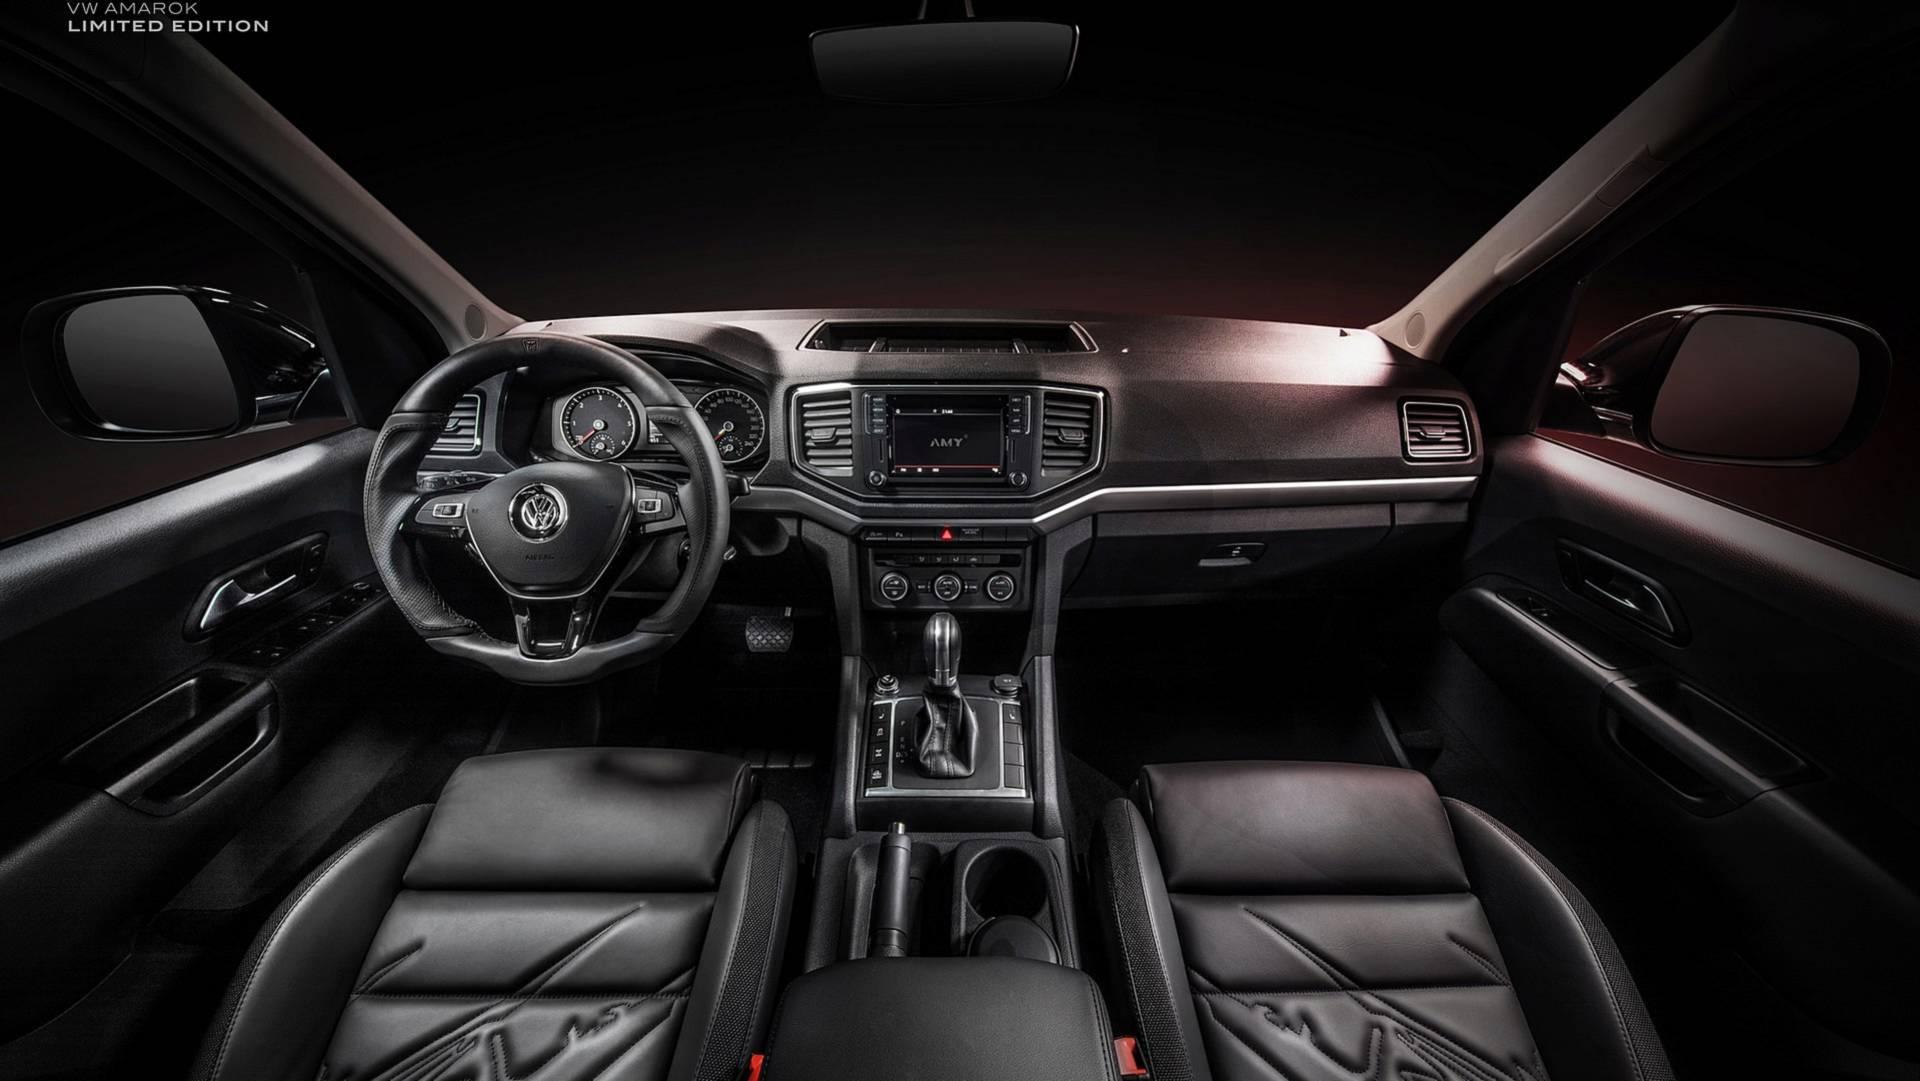 VW Amarok получил спецверсию отCarlex Design